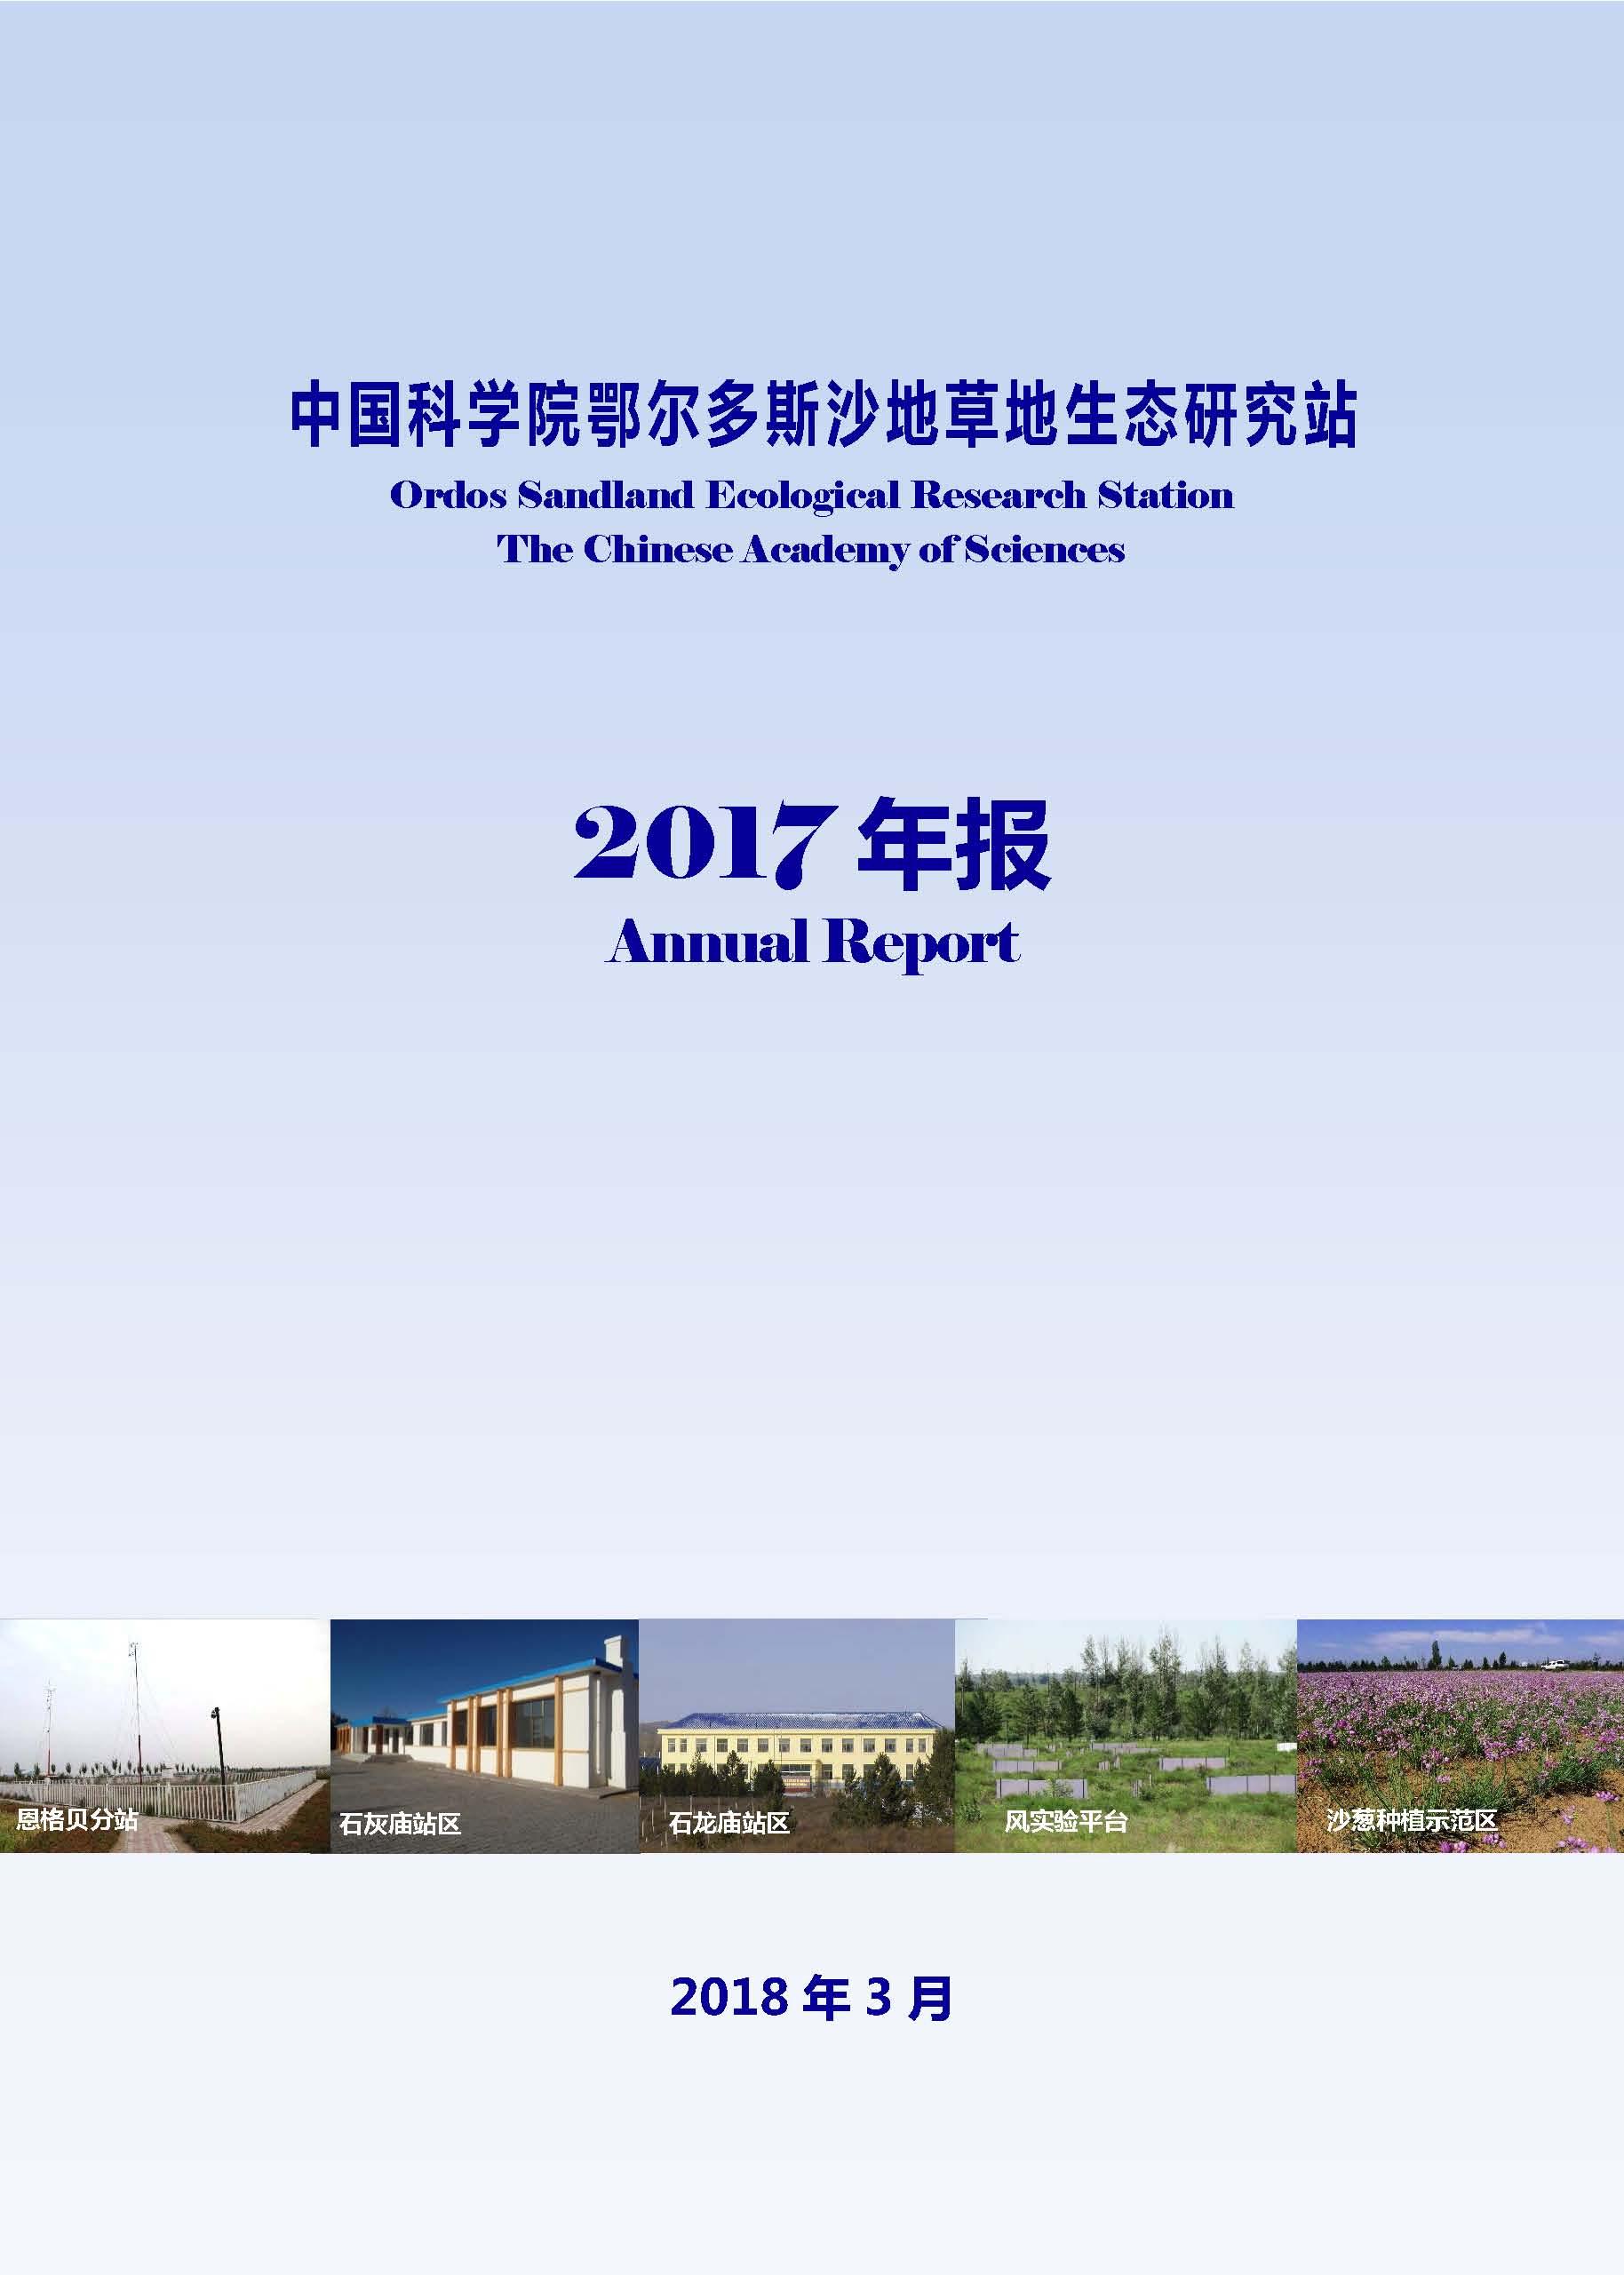 2017年报